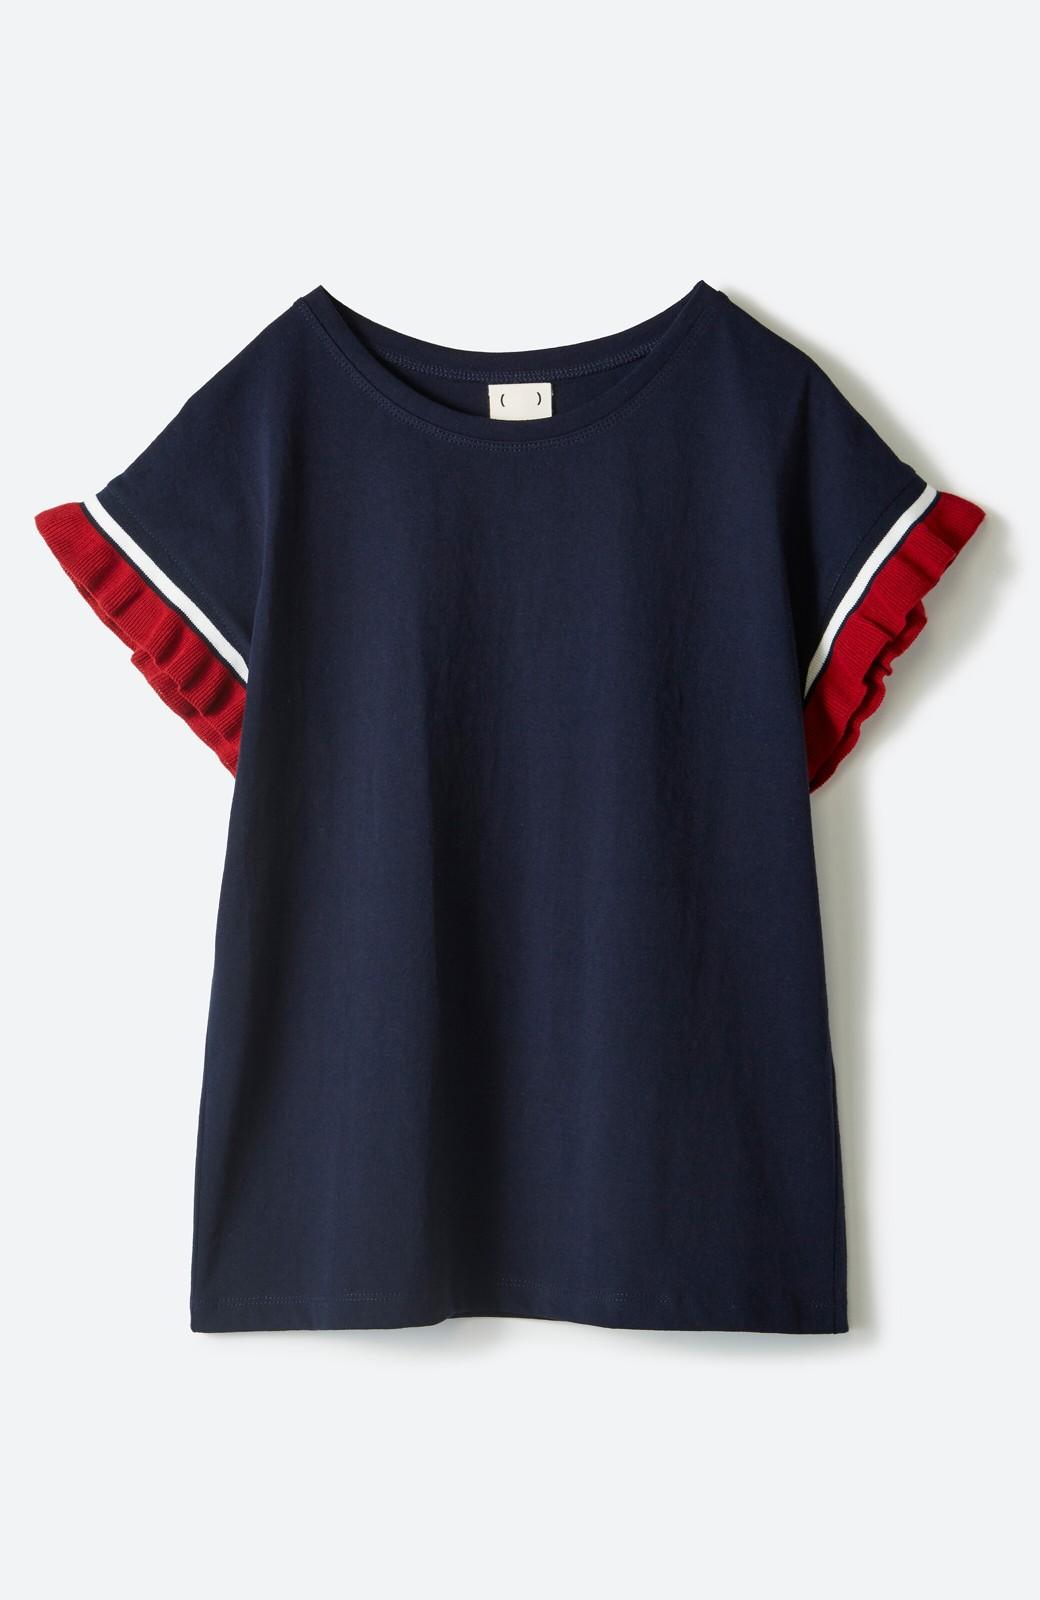 haco! Tシャツよりちょっと華やか気分の配色フリルトップス <ネイビー>の商品写真2